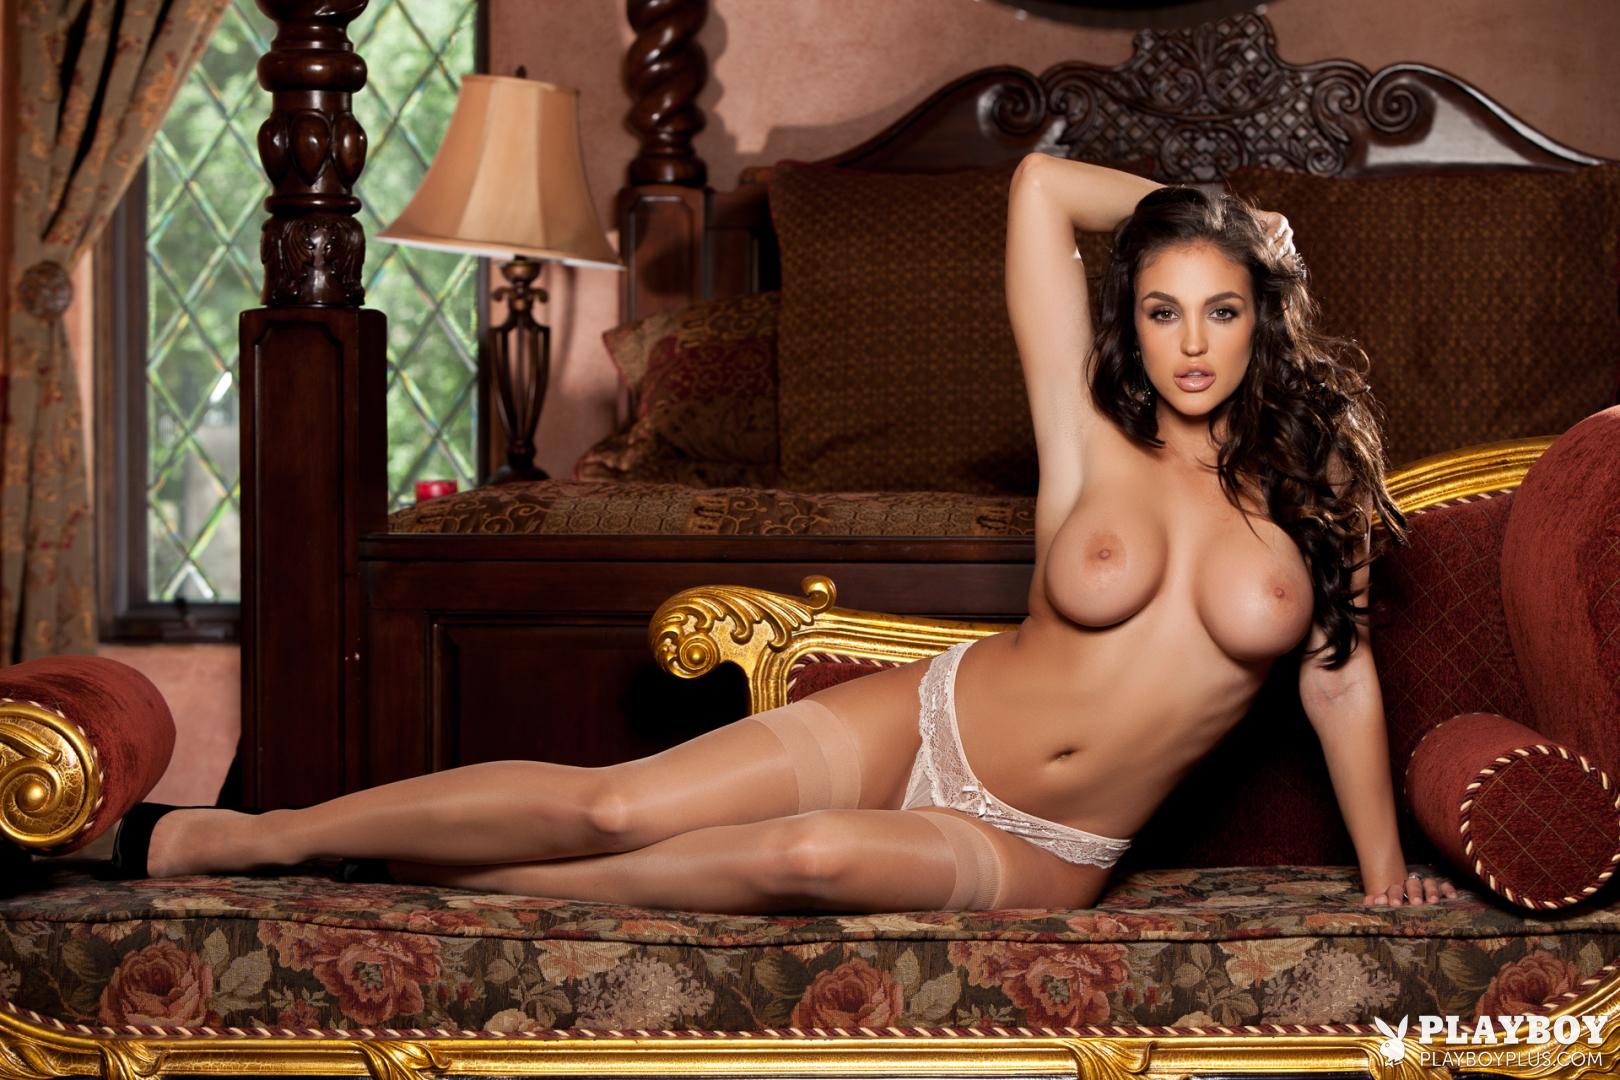 Jaclyn swedberg naked